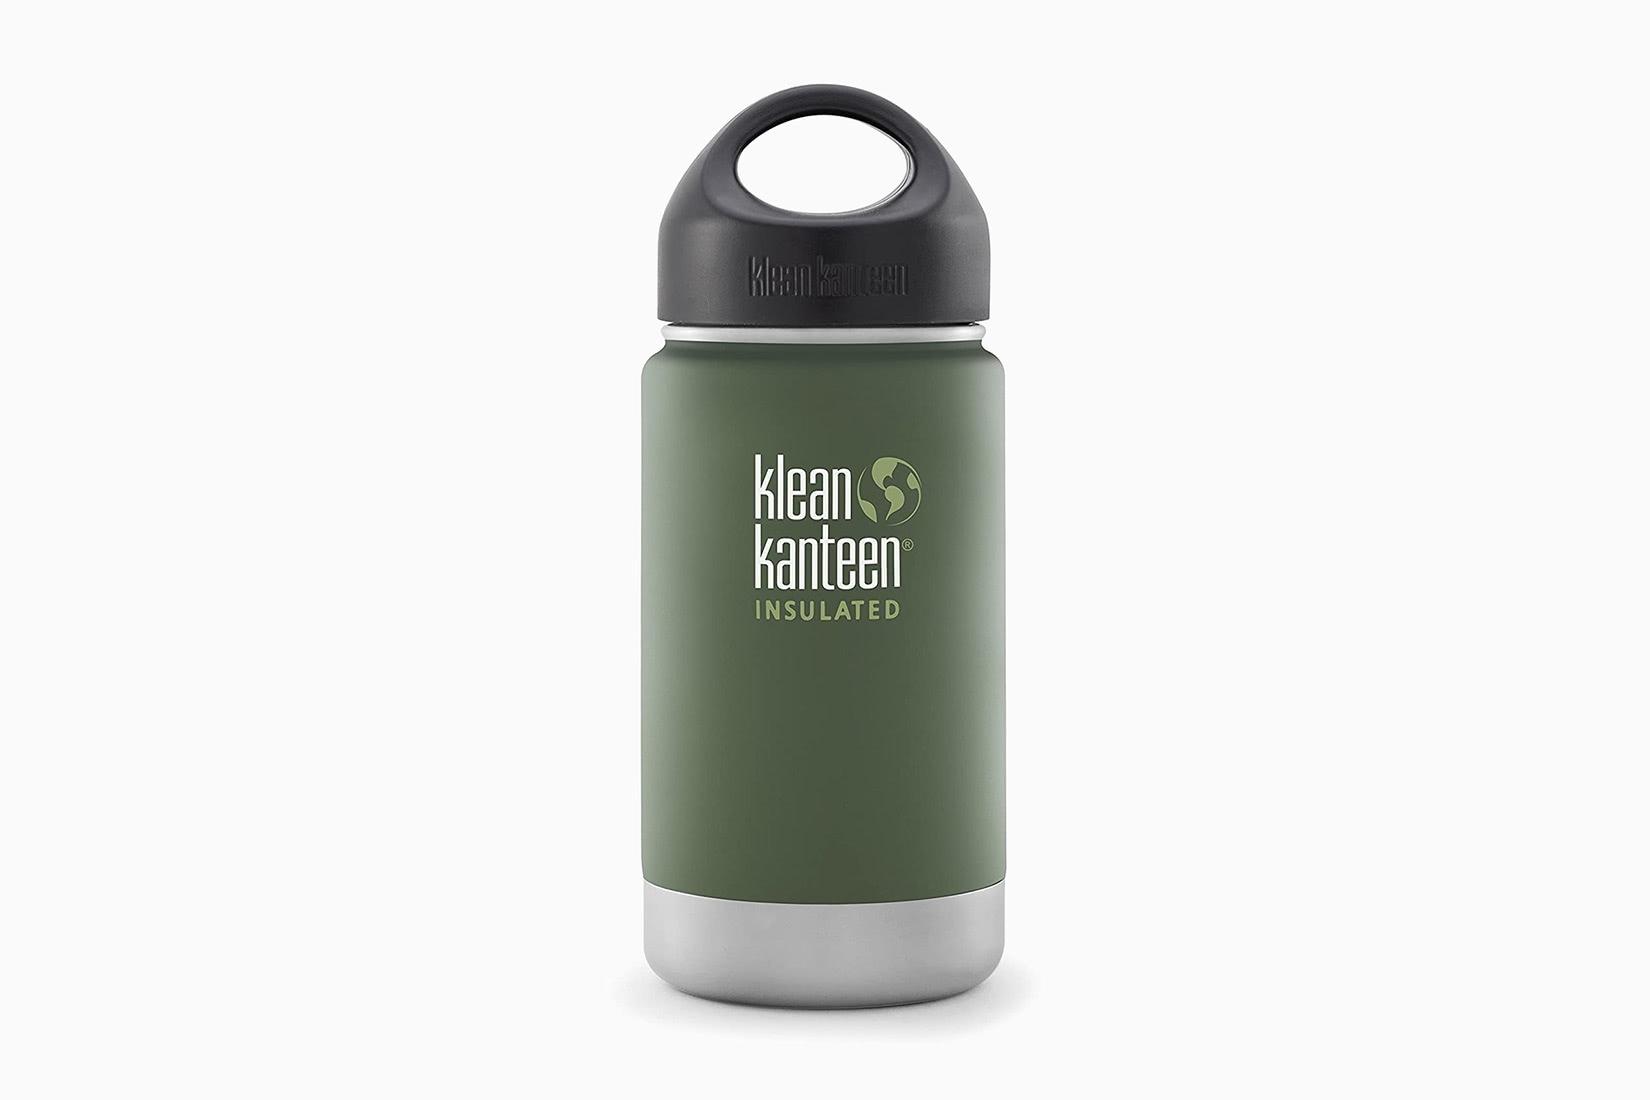 best water bottles insulated klean kanteen - Luxe Digital